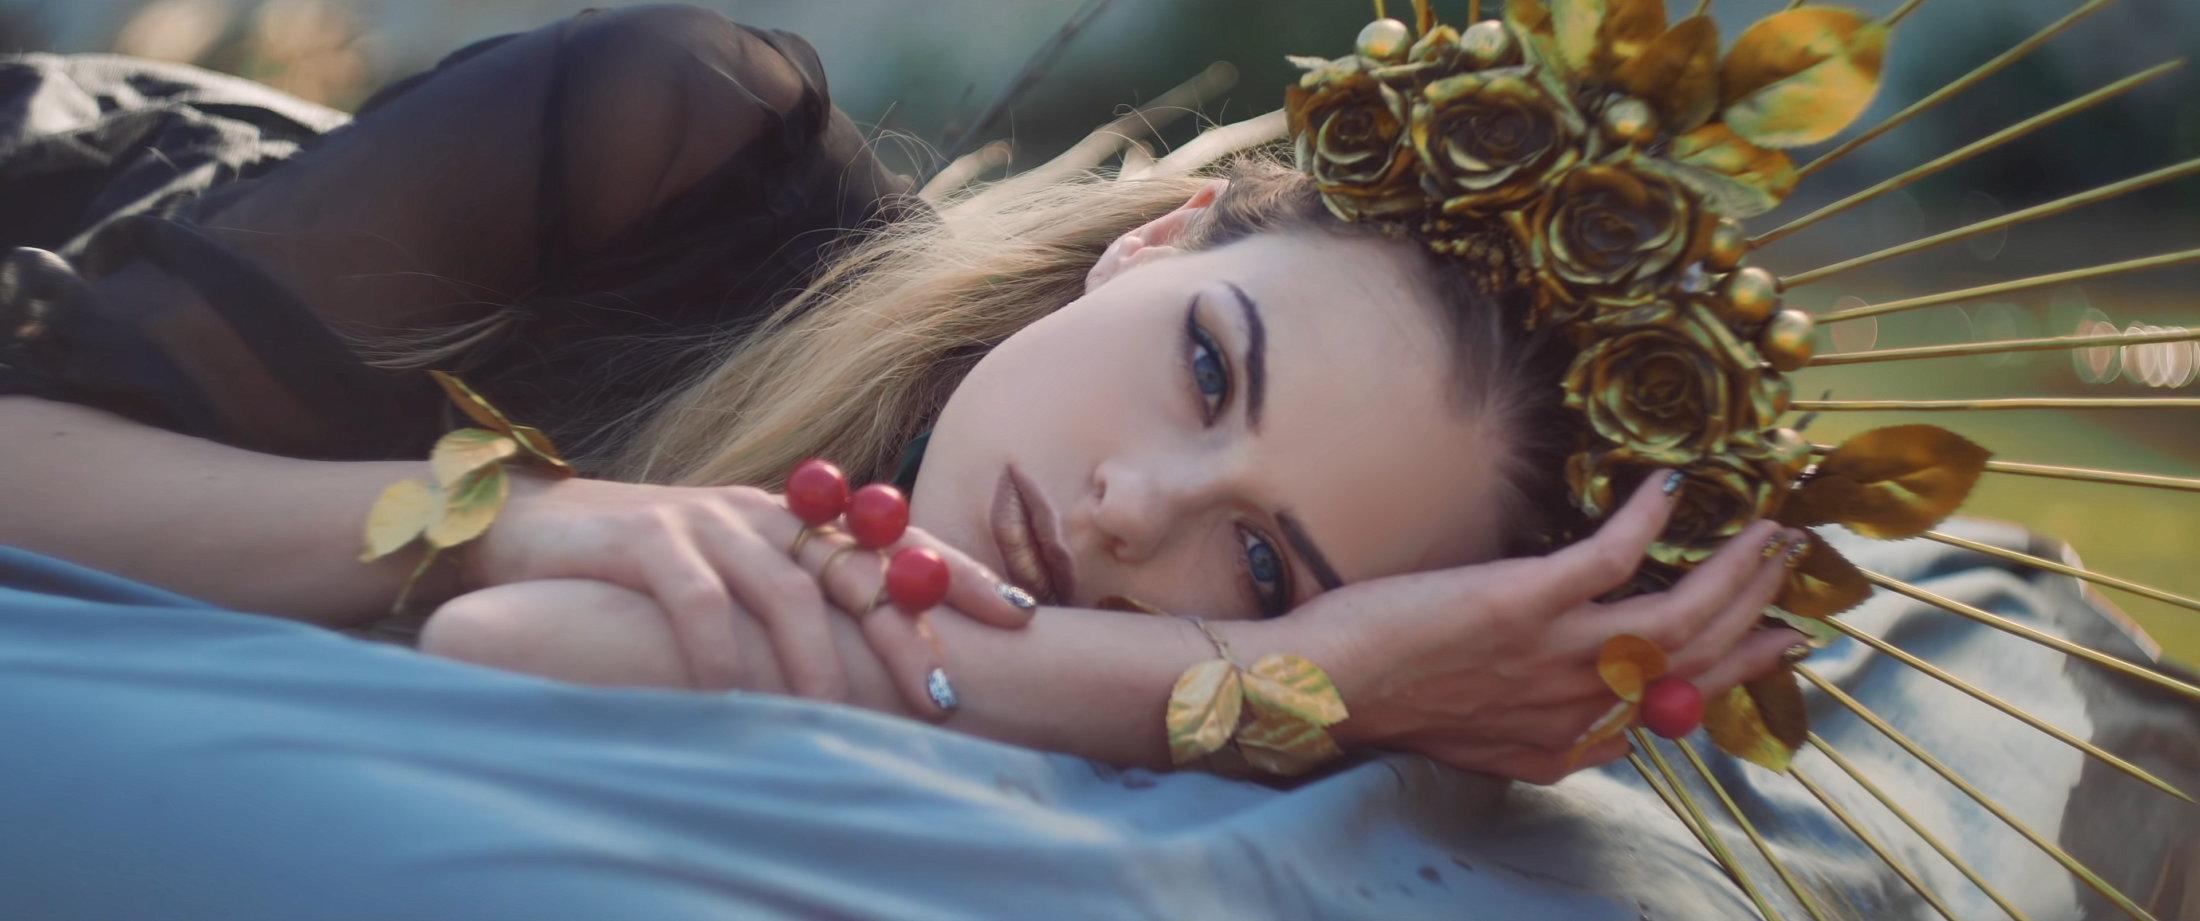 OMNIMAR - Feels Like Velvet (Official Video) 3-24 Screenshot